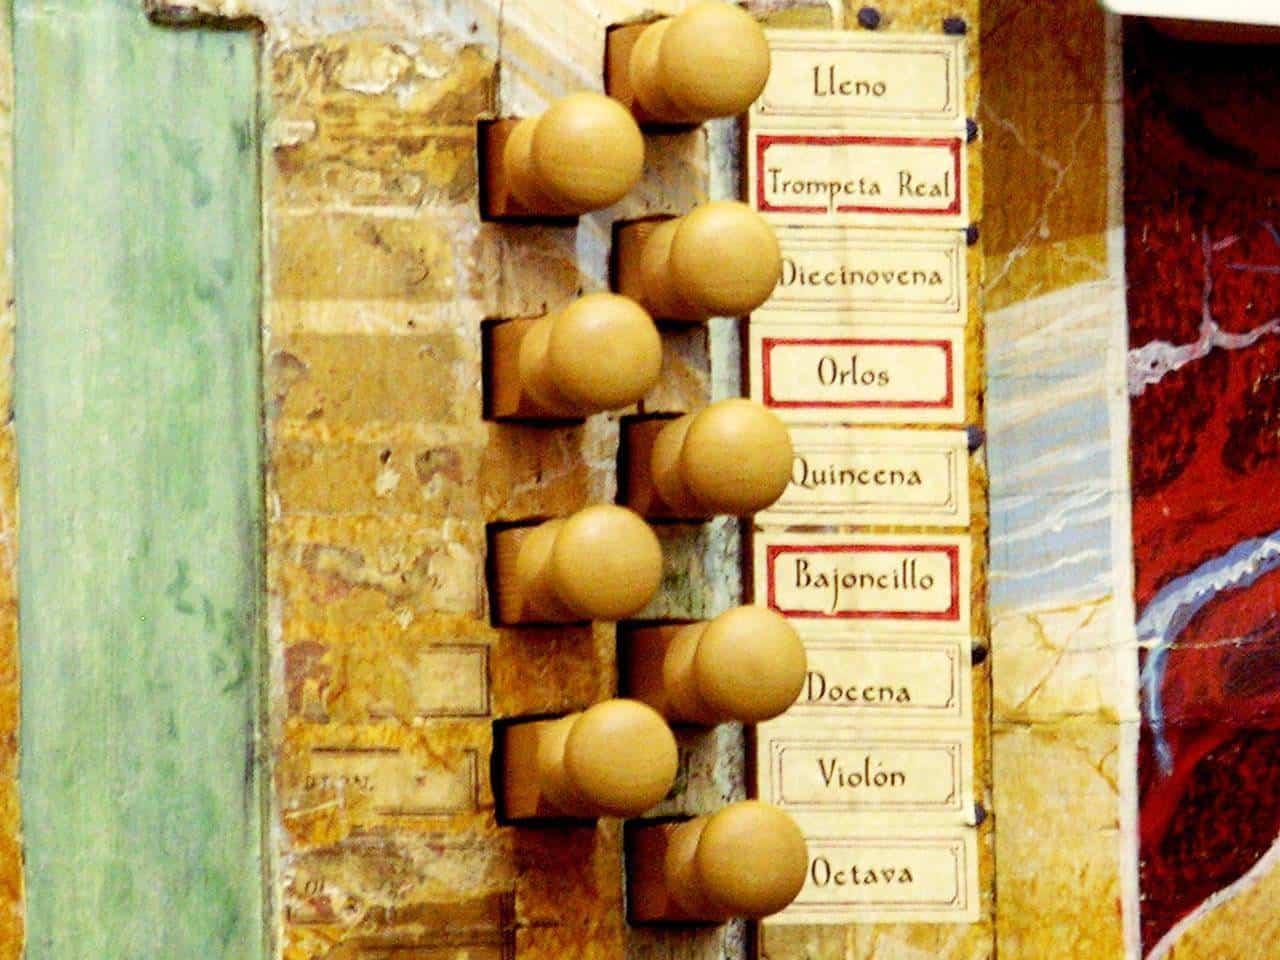 organo historico barroco de la parroquia de herencia - Herencia se suma a la IV Ruta de Órganos Históricos de Castilla-La Mancha